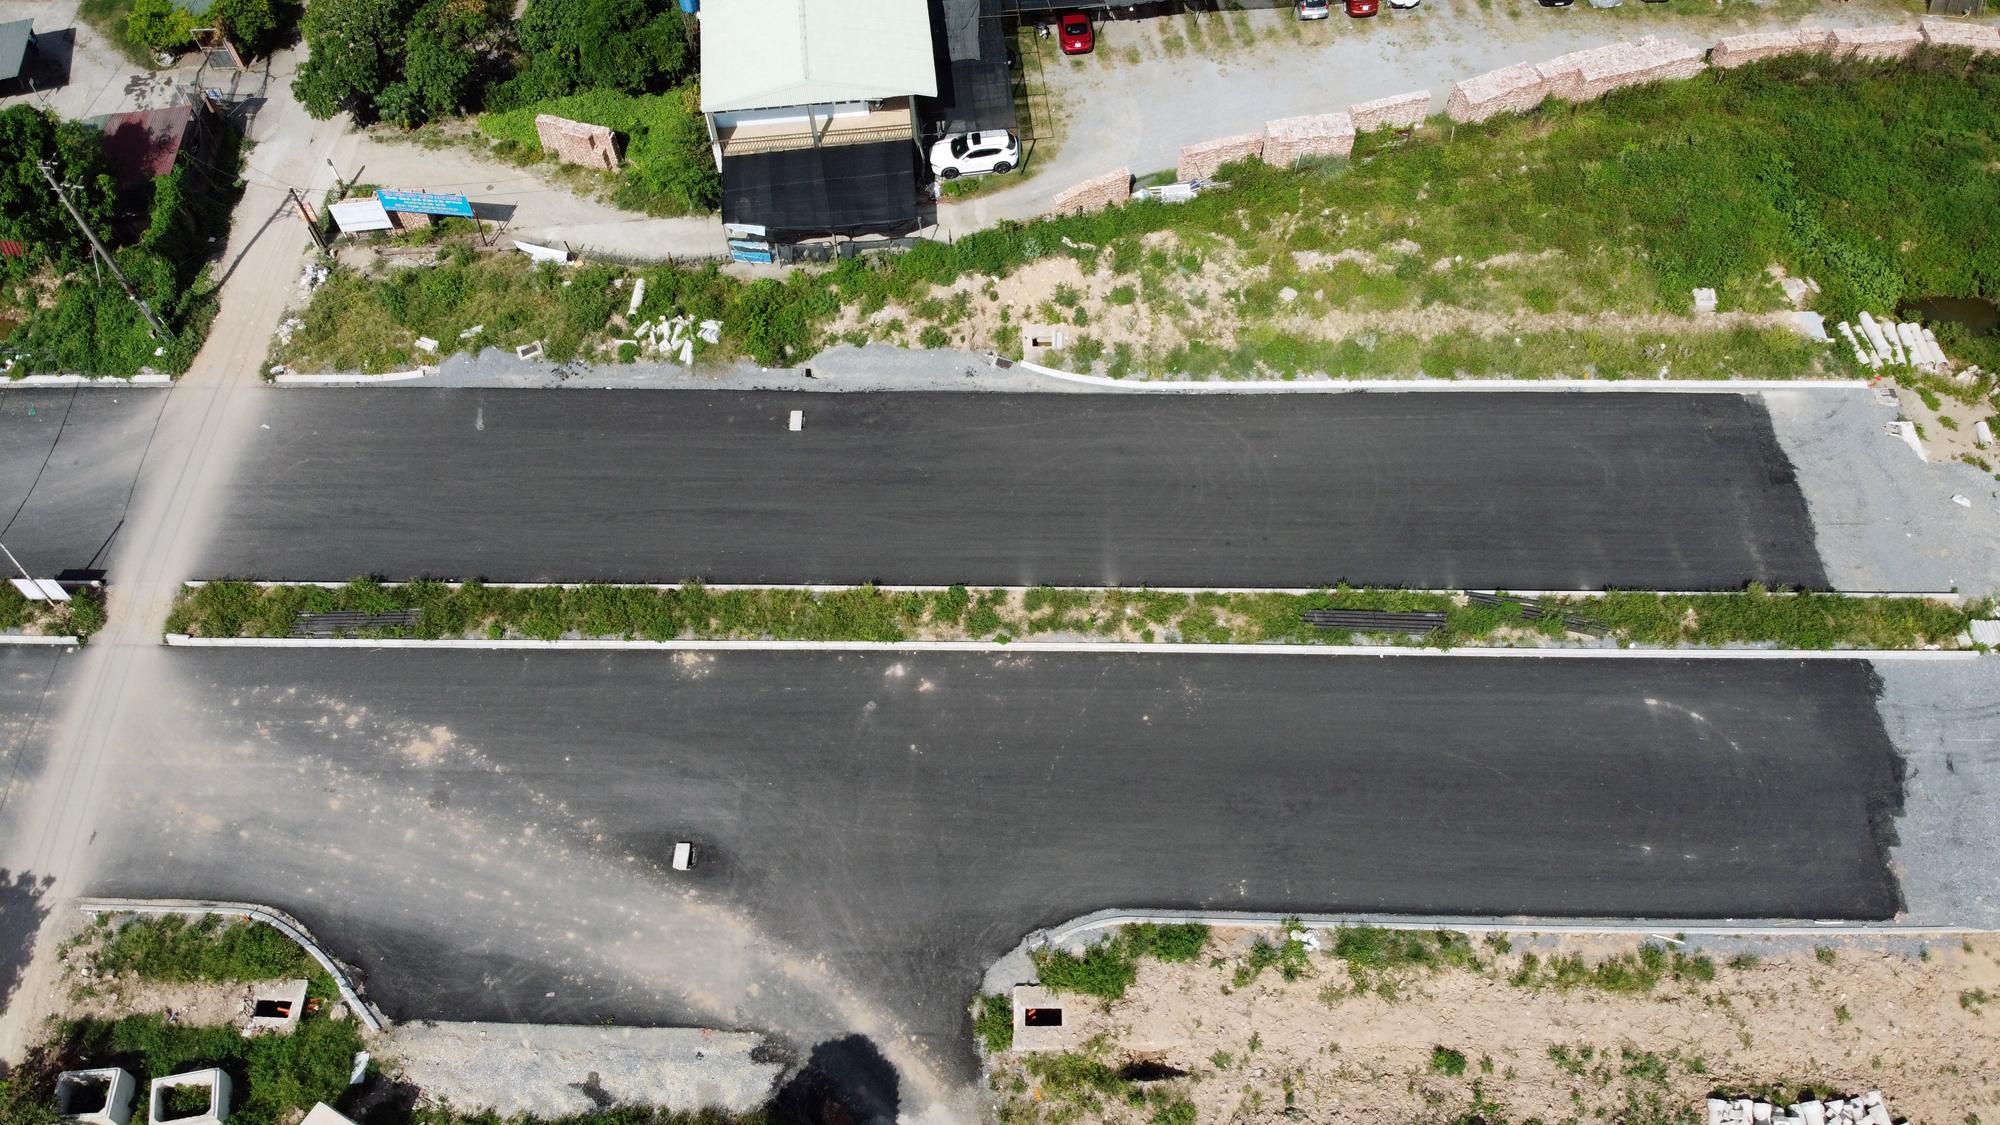 Đường ngàn tỉ nối Ngọc Thụy - Nguyễn Văn Cừ ở quận Long Biên mới làm được vài trăm mét - Ảnh 8.